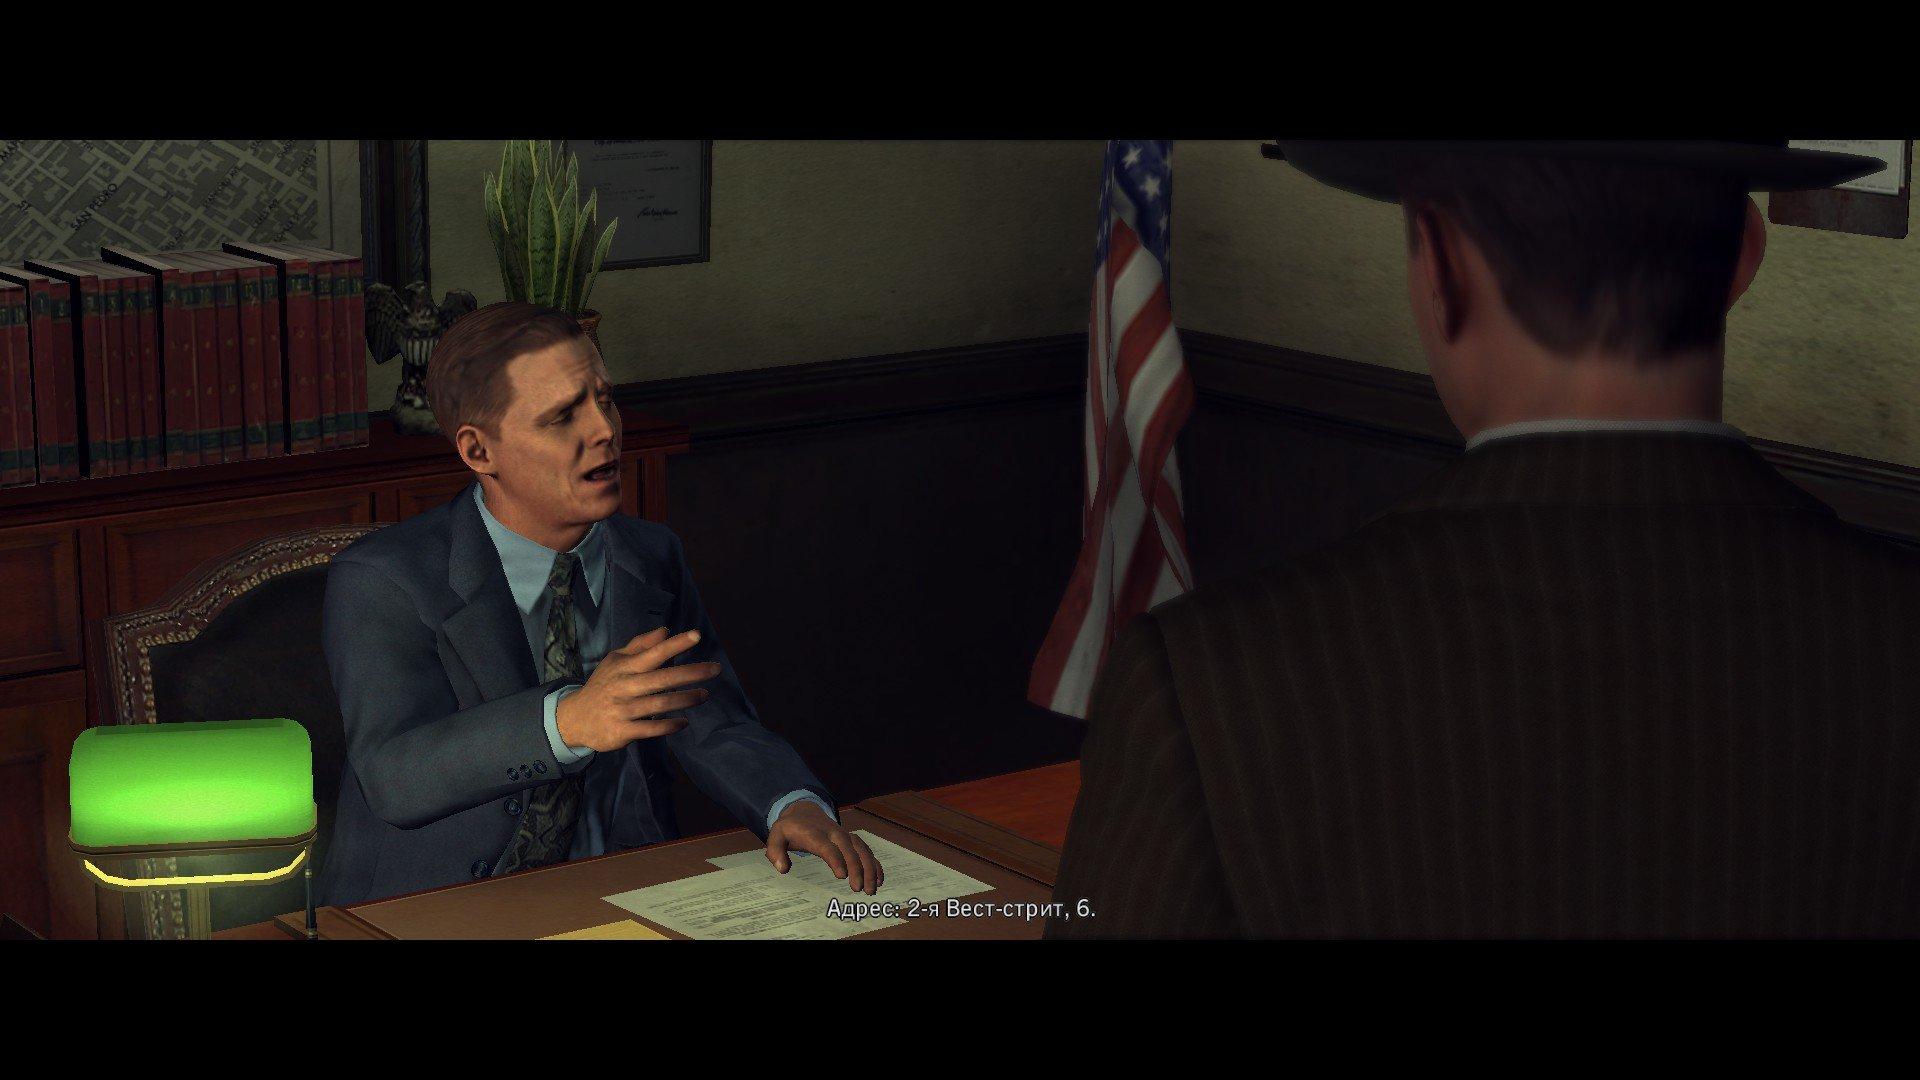 Пост-прохождение L.A. Noire Часть 7 - Изображение 3